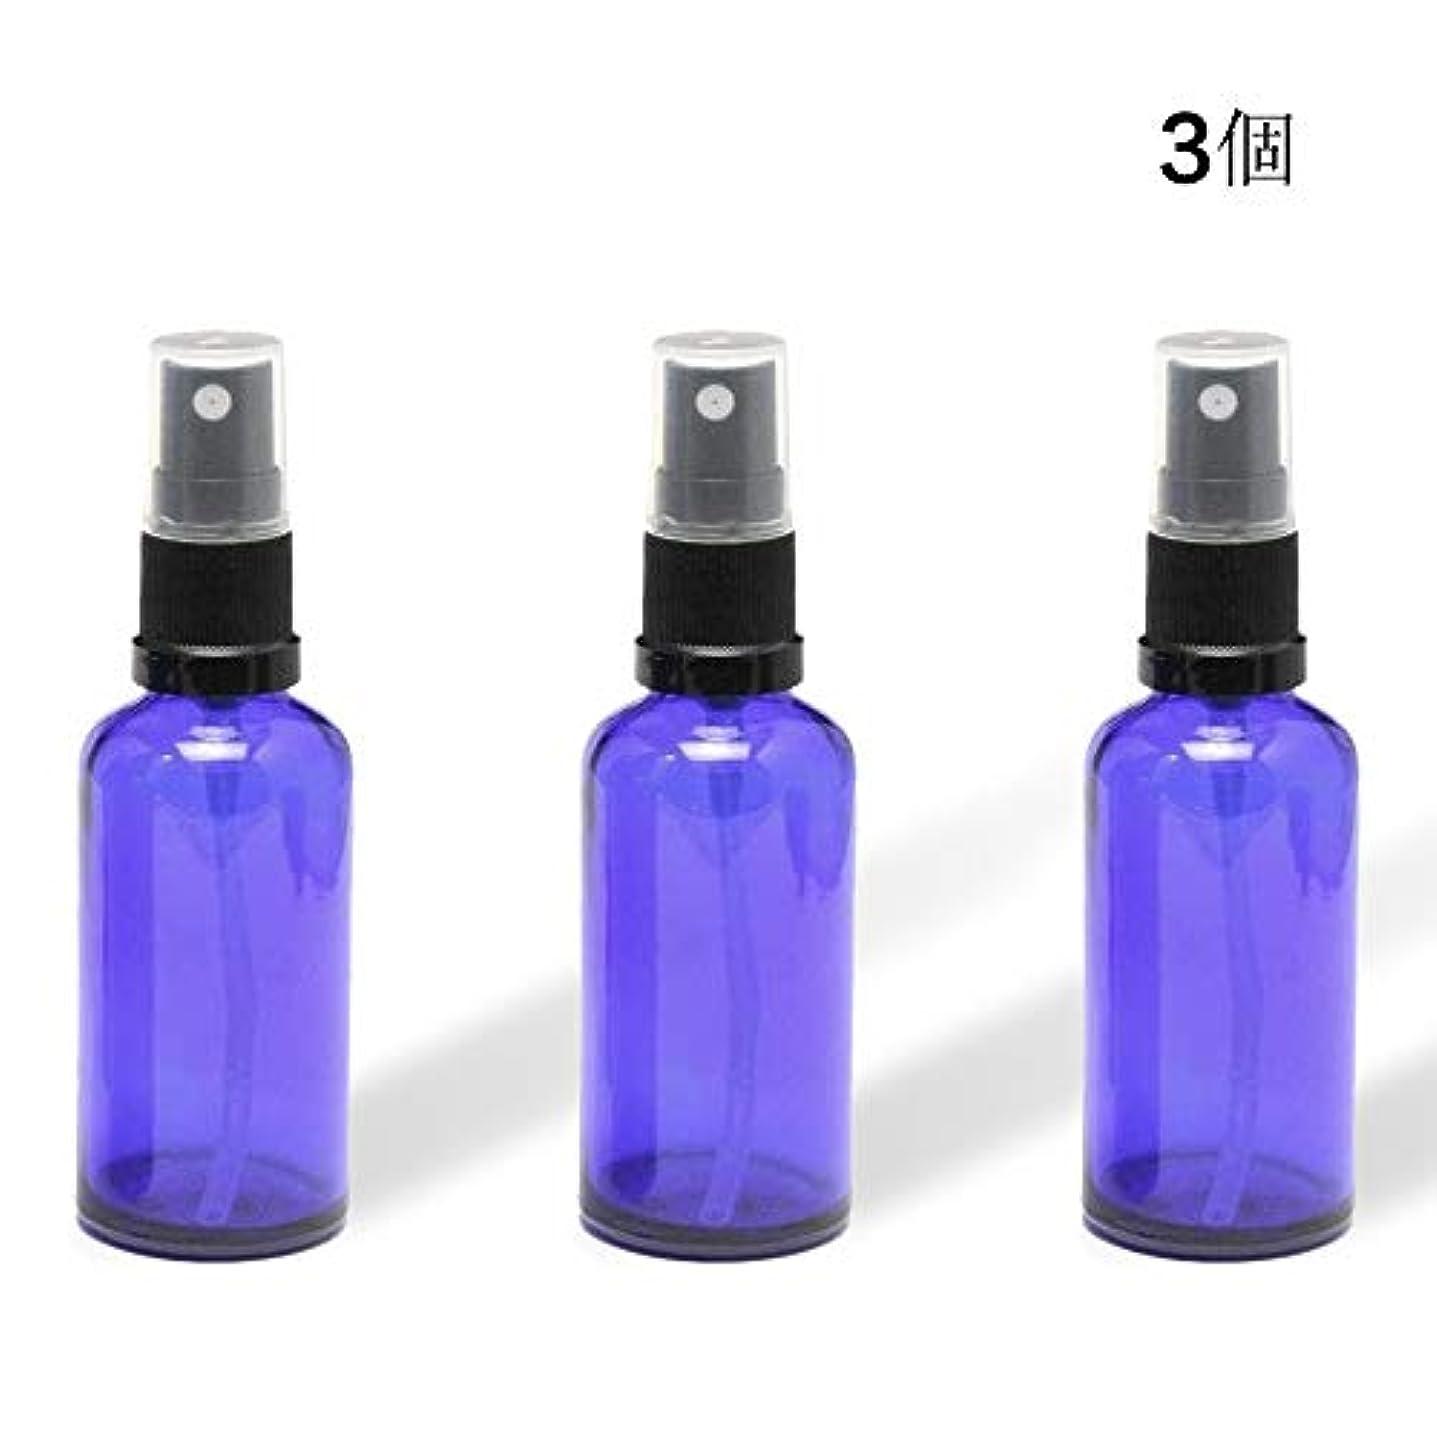 マウント誰でも曇った遮光瓶/スプレーボトル (アトマイザー) 50ml ブルー/ブラックヘッド 3本セット